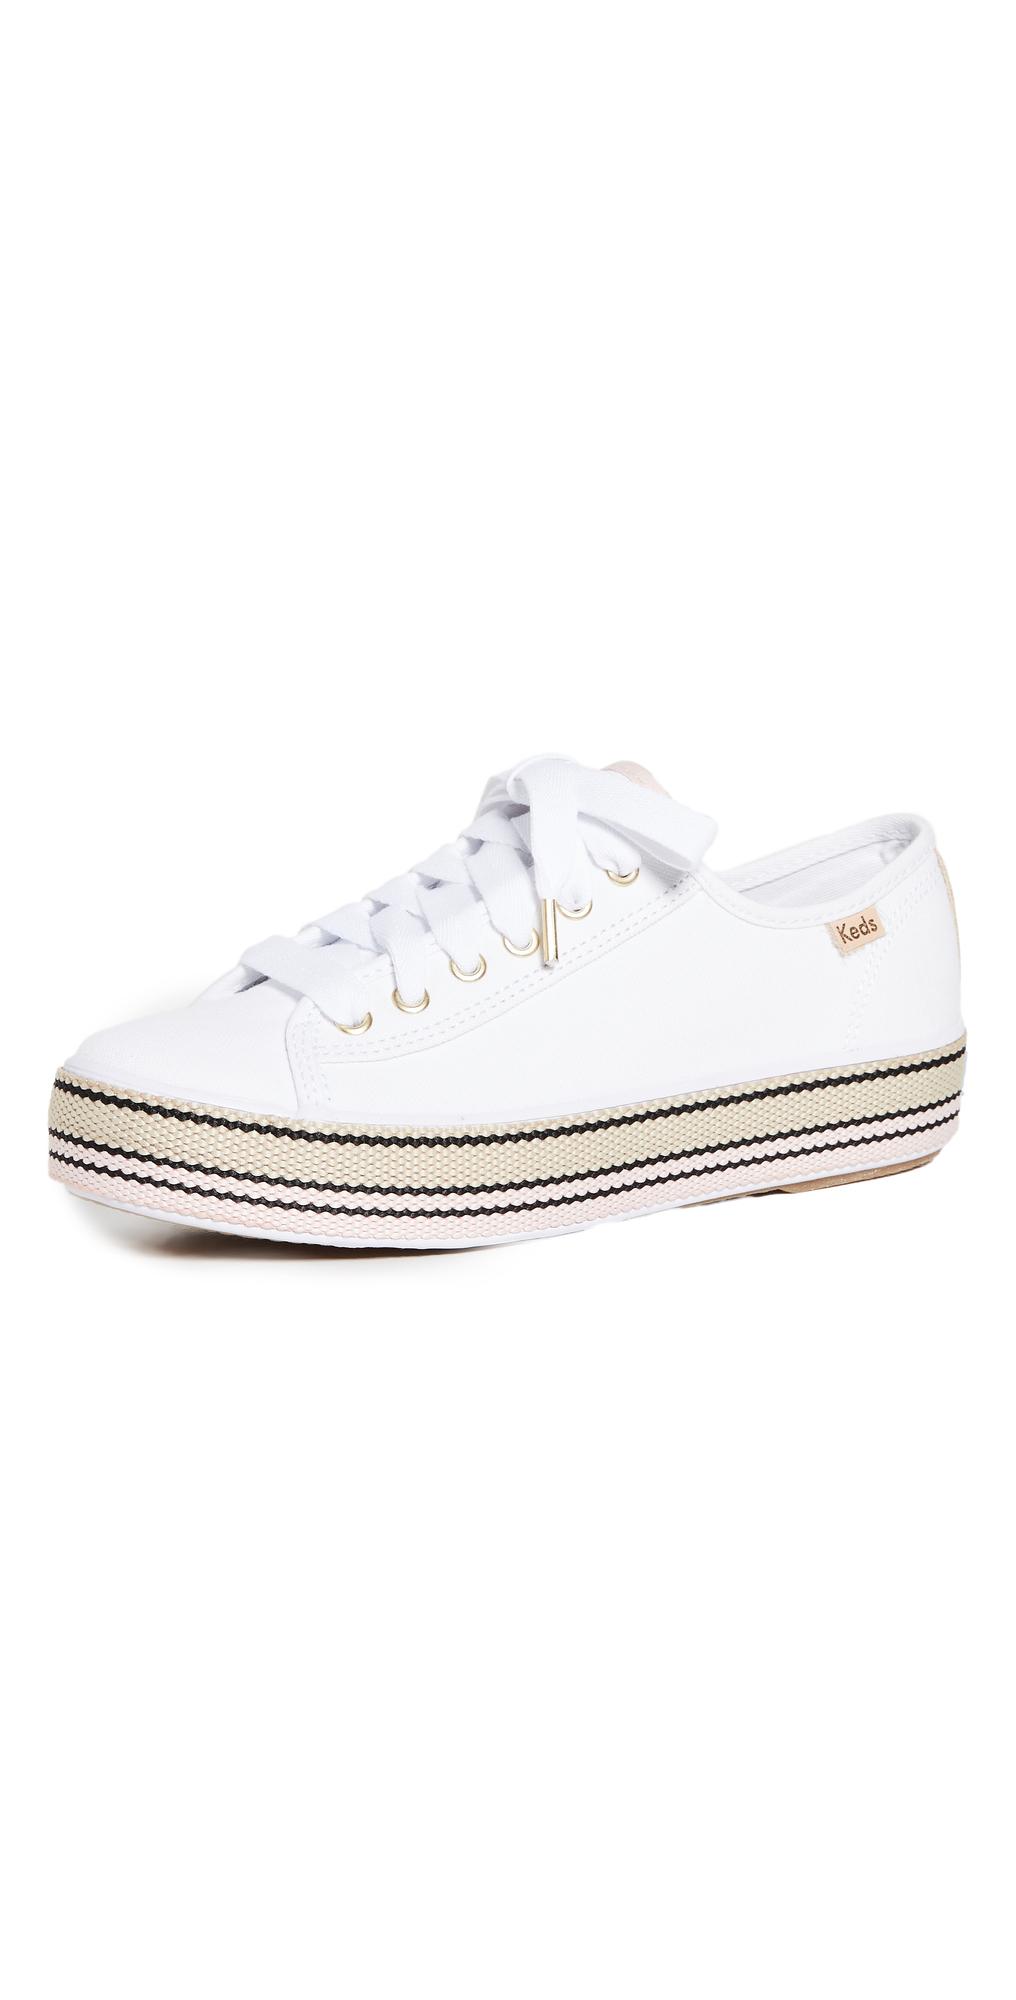 x Kate Spade Triple Kick Sneakers